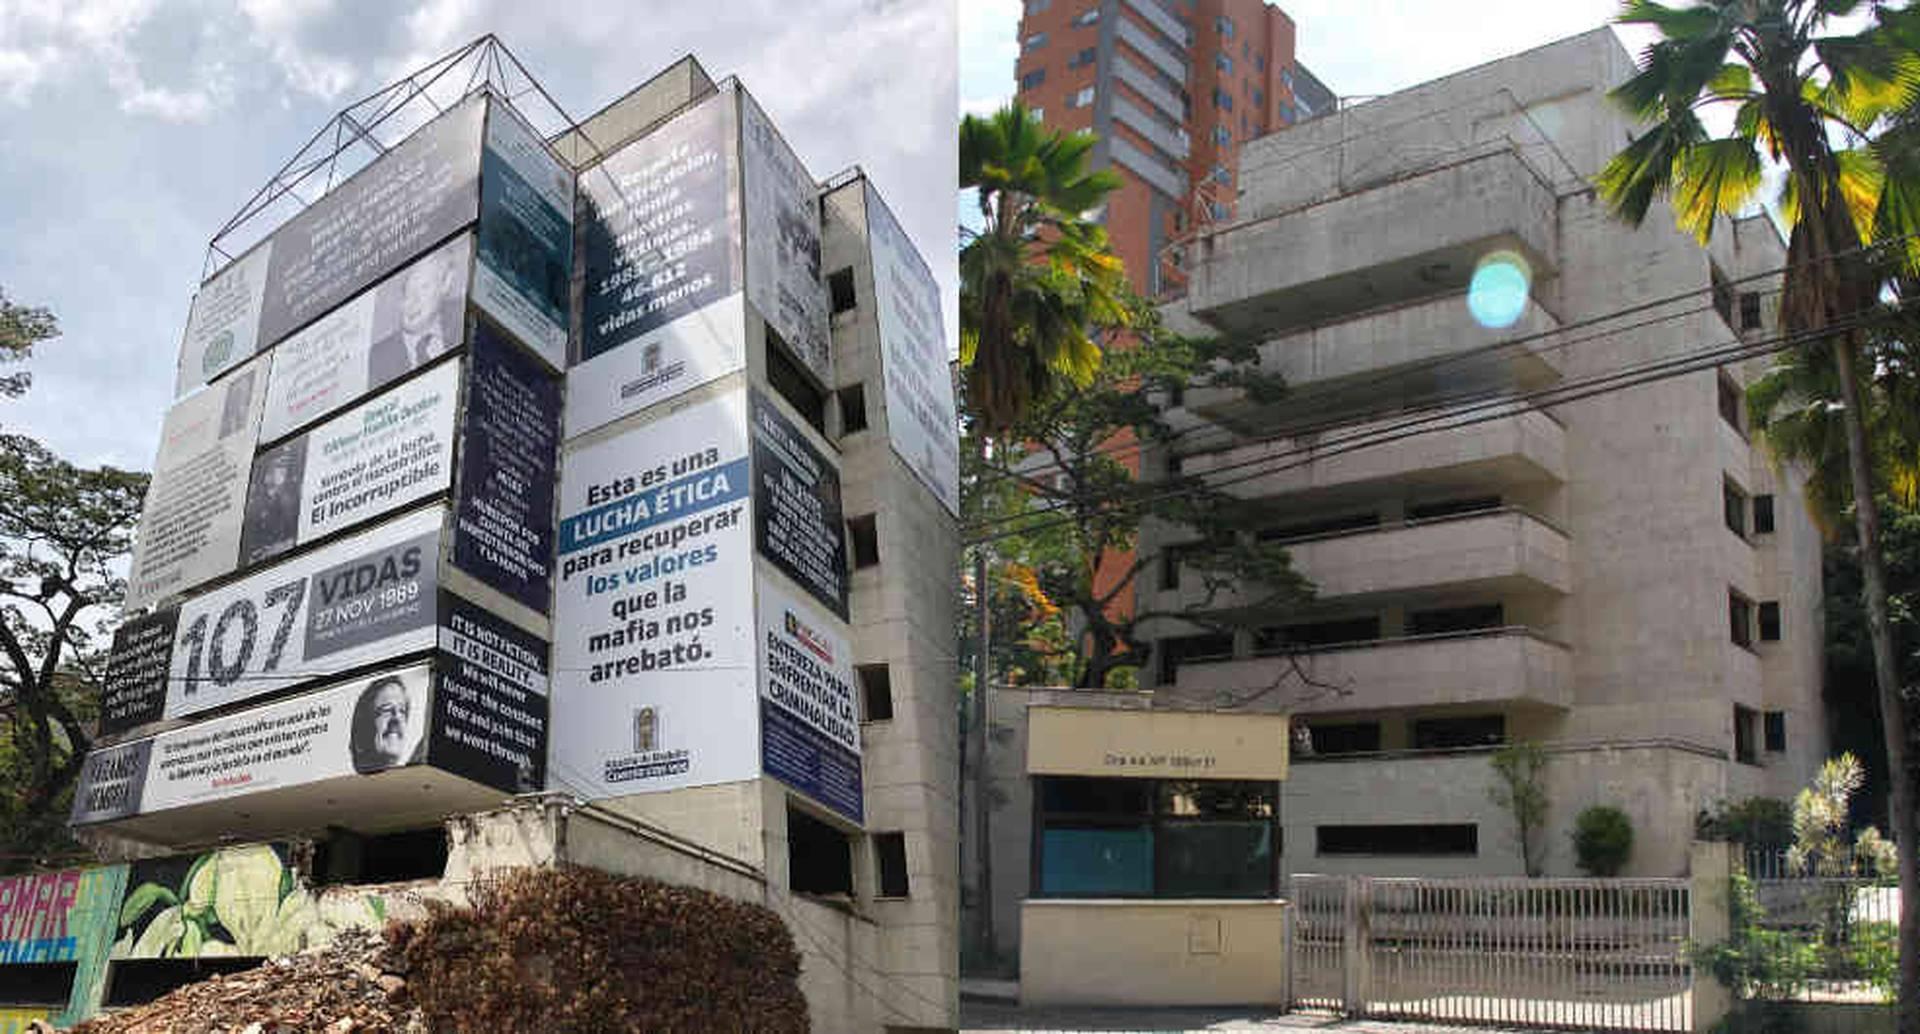 En reemplazo del edificio Mónaco, la ciudad construirá un parque lineal y un monumento den memoria de las víctimas del narcotráfico.